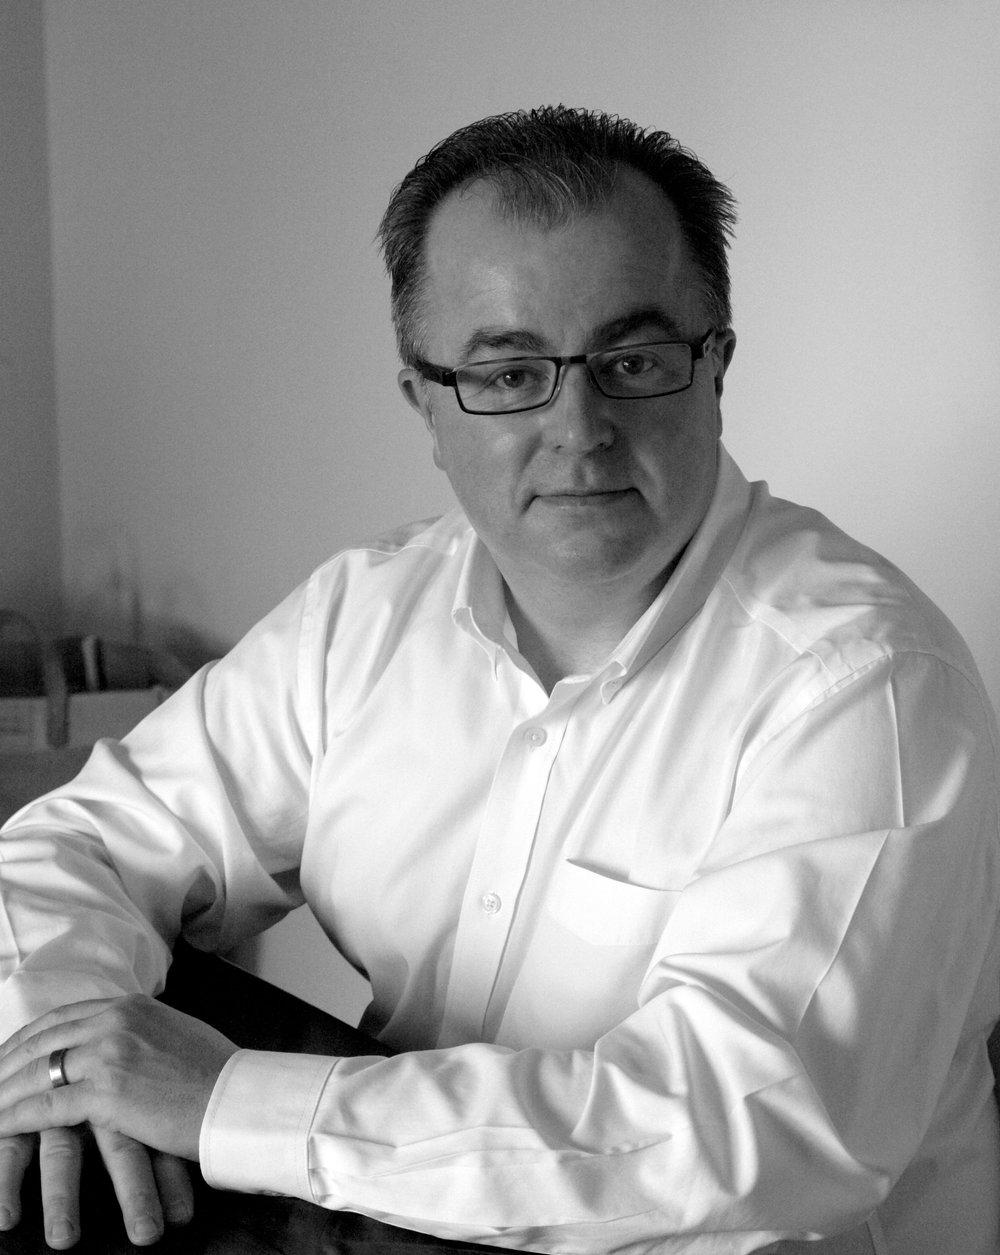 Alan Hancock, Principal